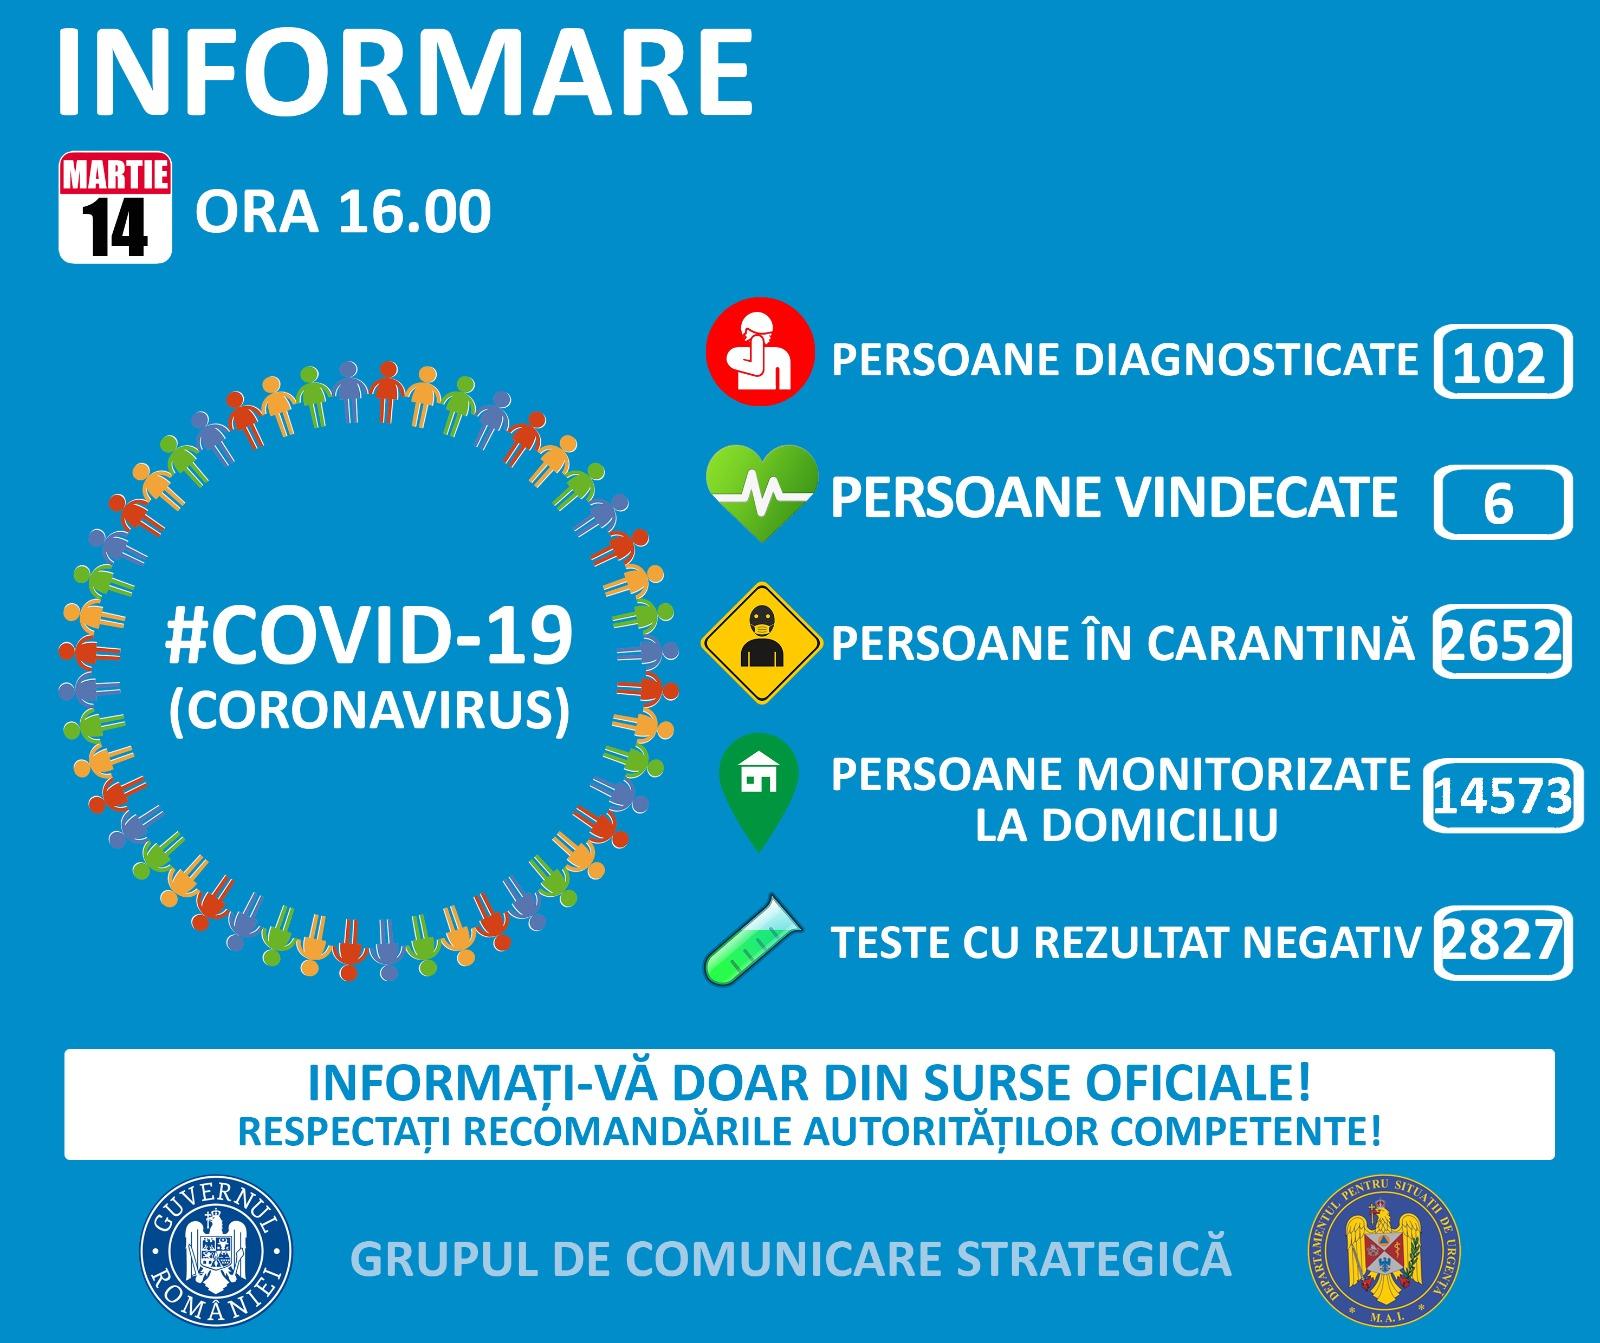 102-cazuri-romania-a-trecut-oficial-la-scenariul-3-al-raspandirii-covid-19